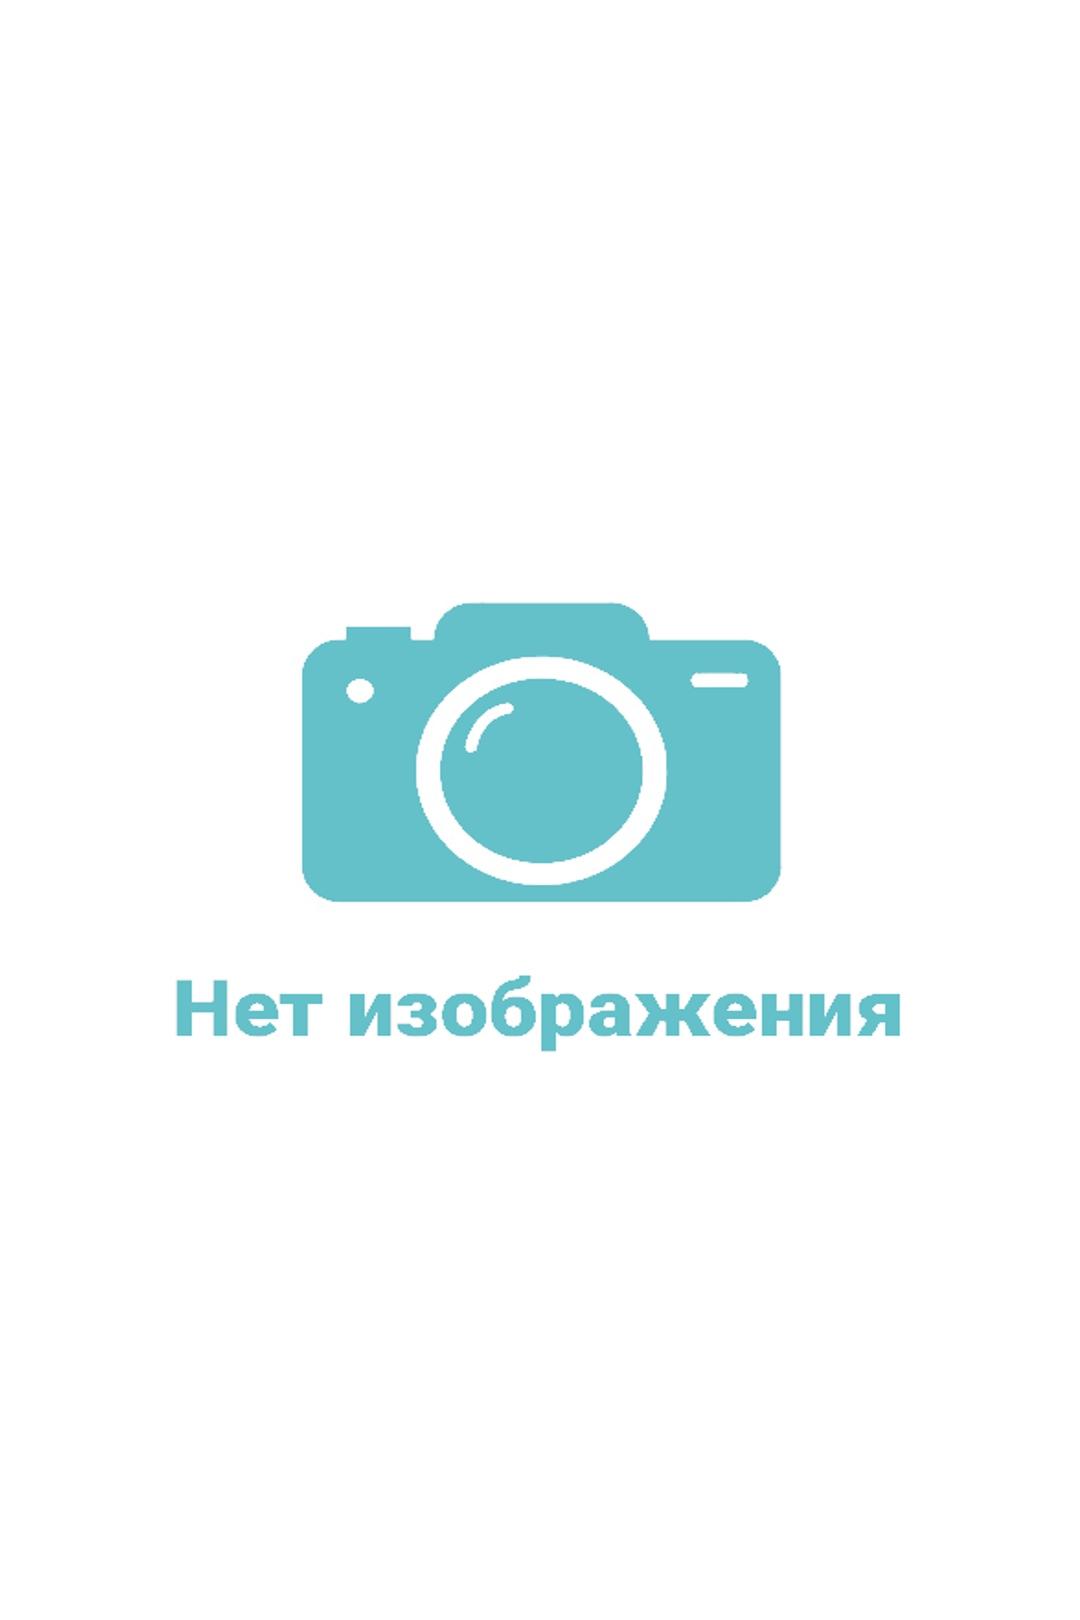 Врач онколог Агакина Юлия Сергеевна